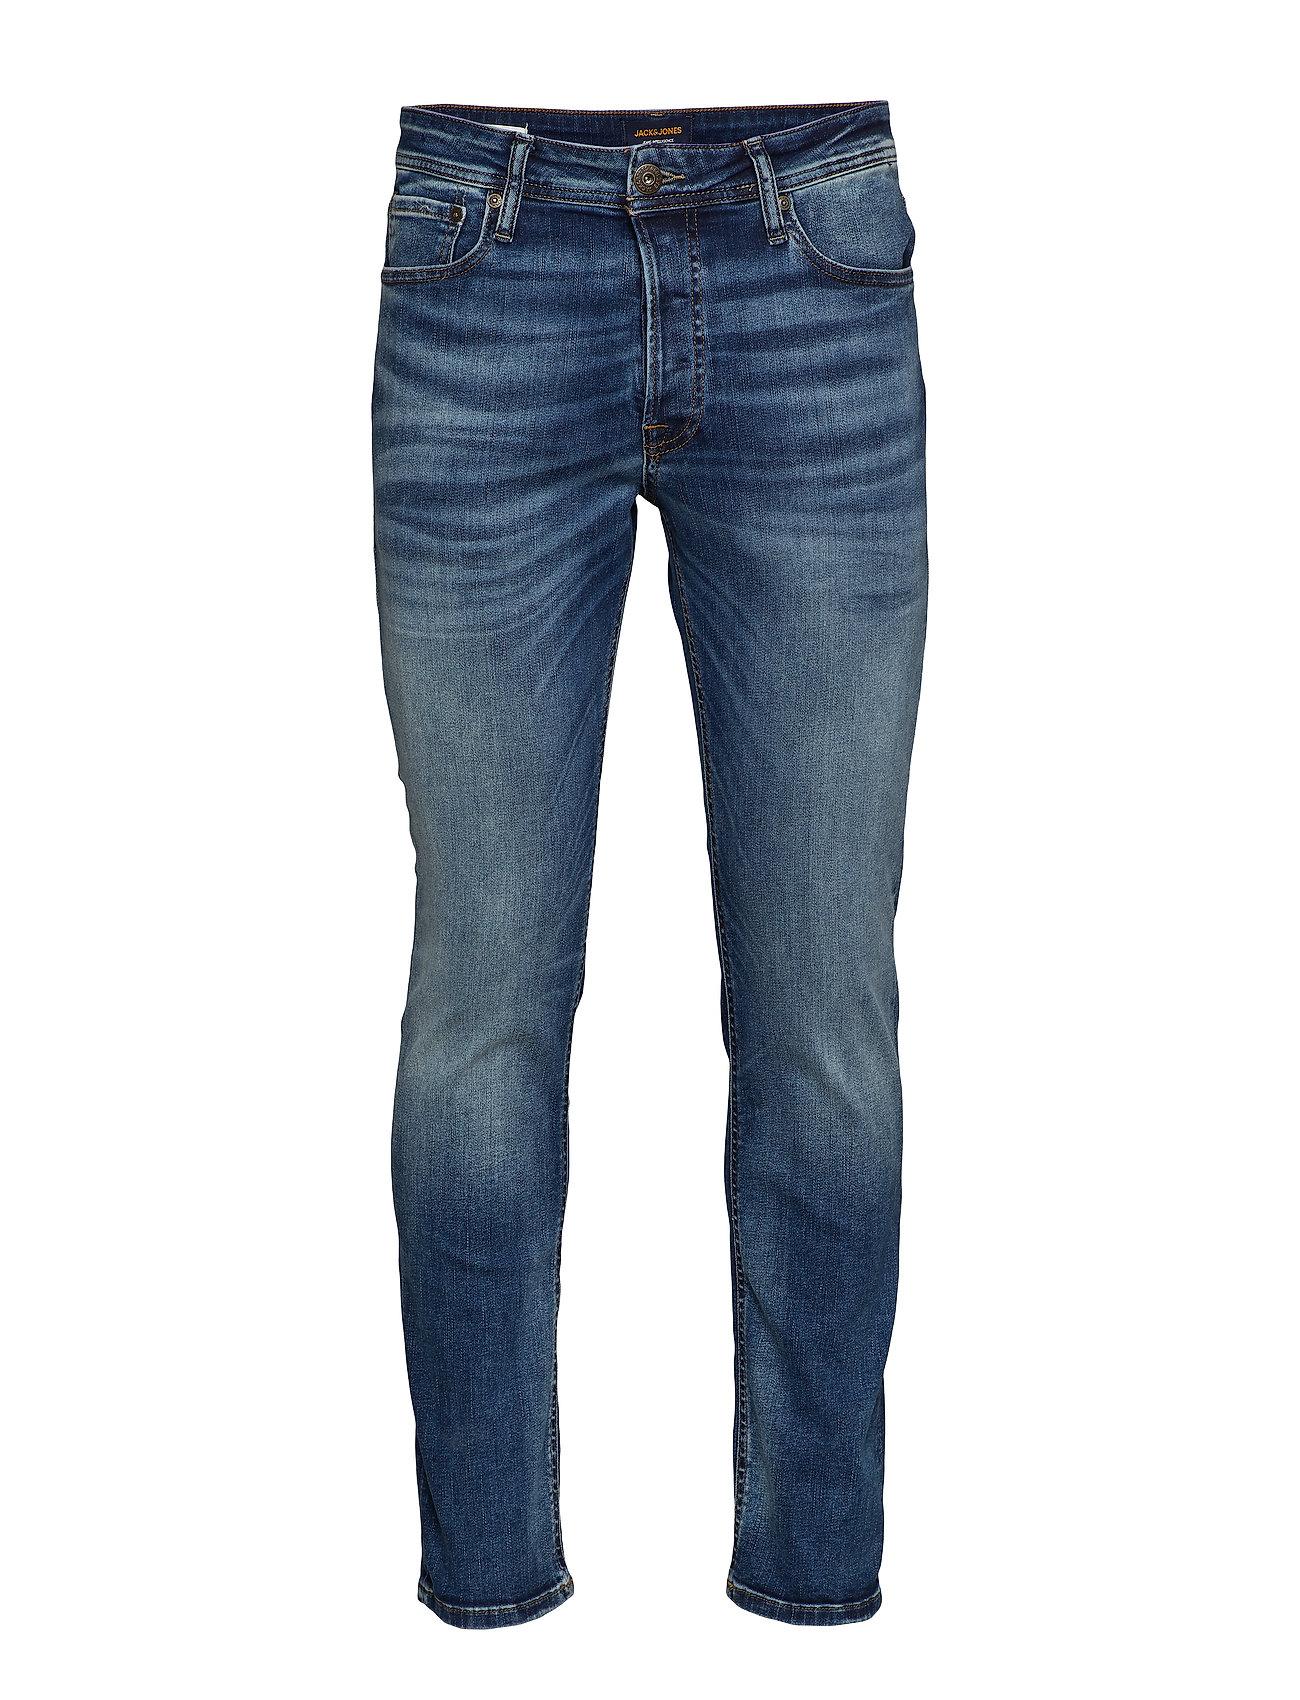 Jack & Jones JJITIM JJORIGINAL JOS 107 50SPS NOOS Jeans